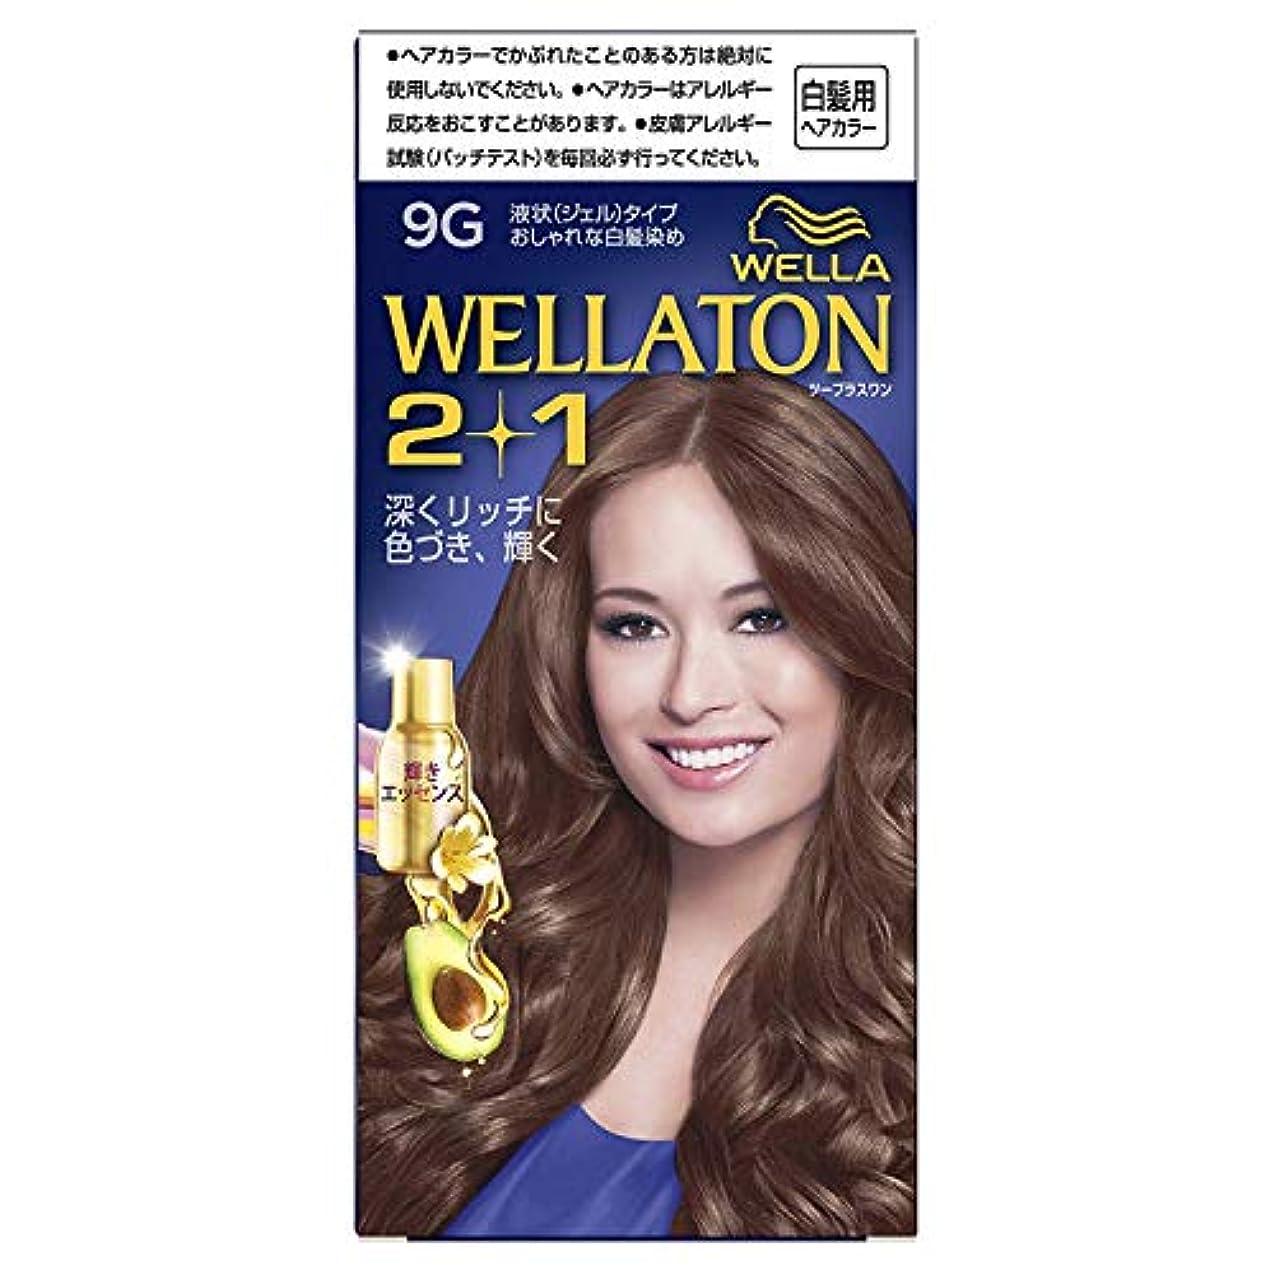 買うノーブルシネウィウエラトーン2+1 液状タイプ 9G [医薬部外品] ×6個